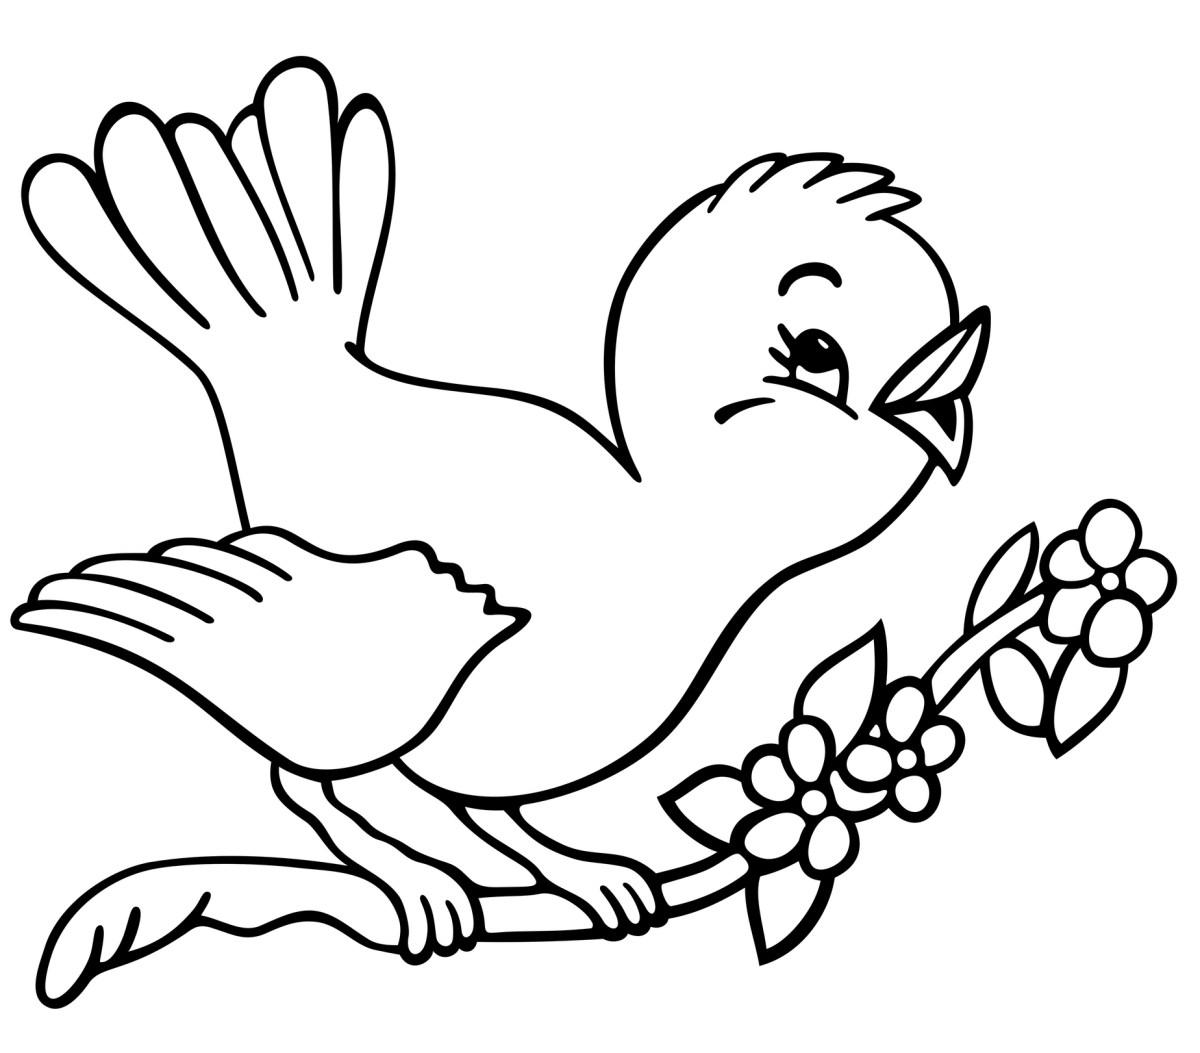 Singing Cartoon Sparrow Coloring Page